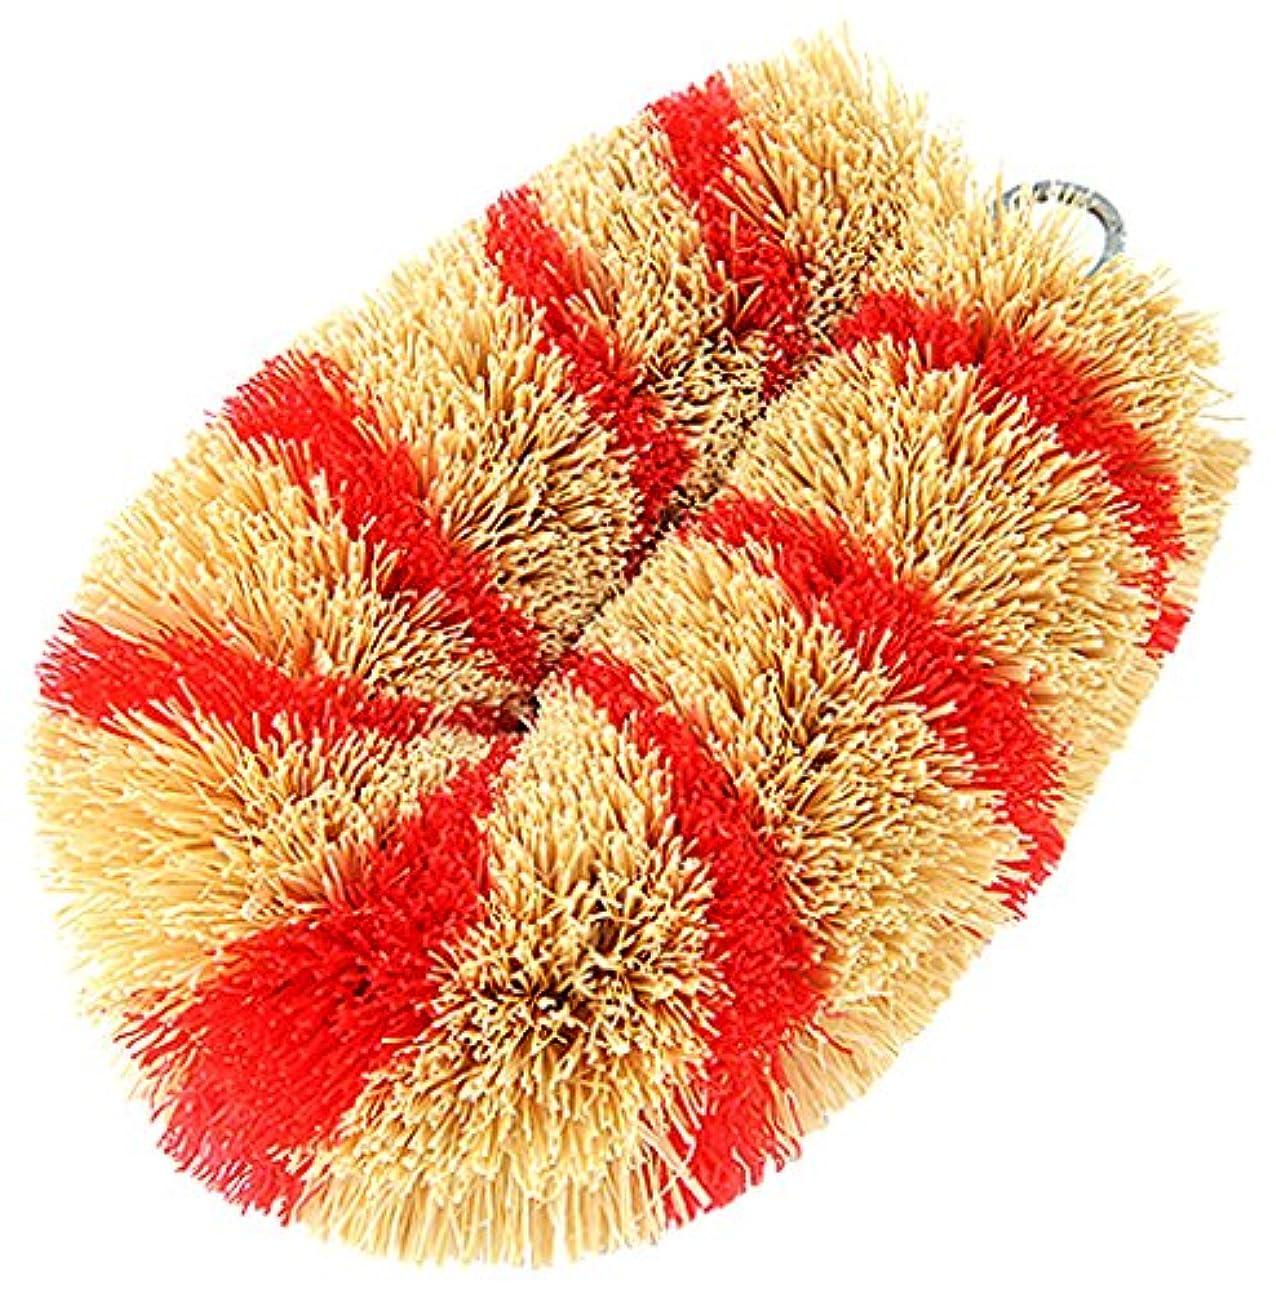 ディレクター維持登録する亀の子 たわし 掃除用 『シマシマミニN』 赤 60×100×40mm